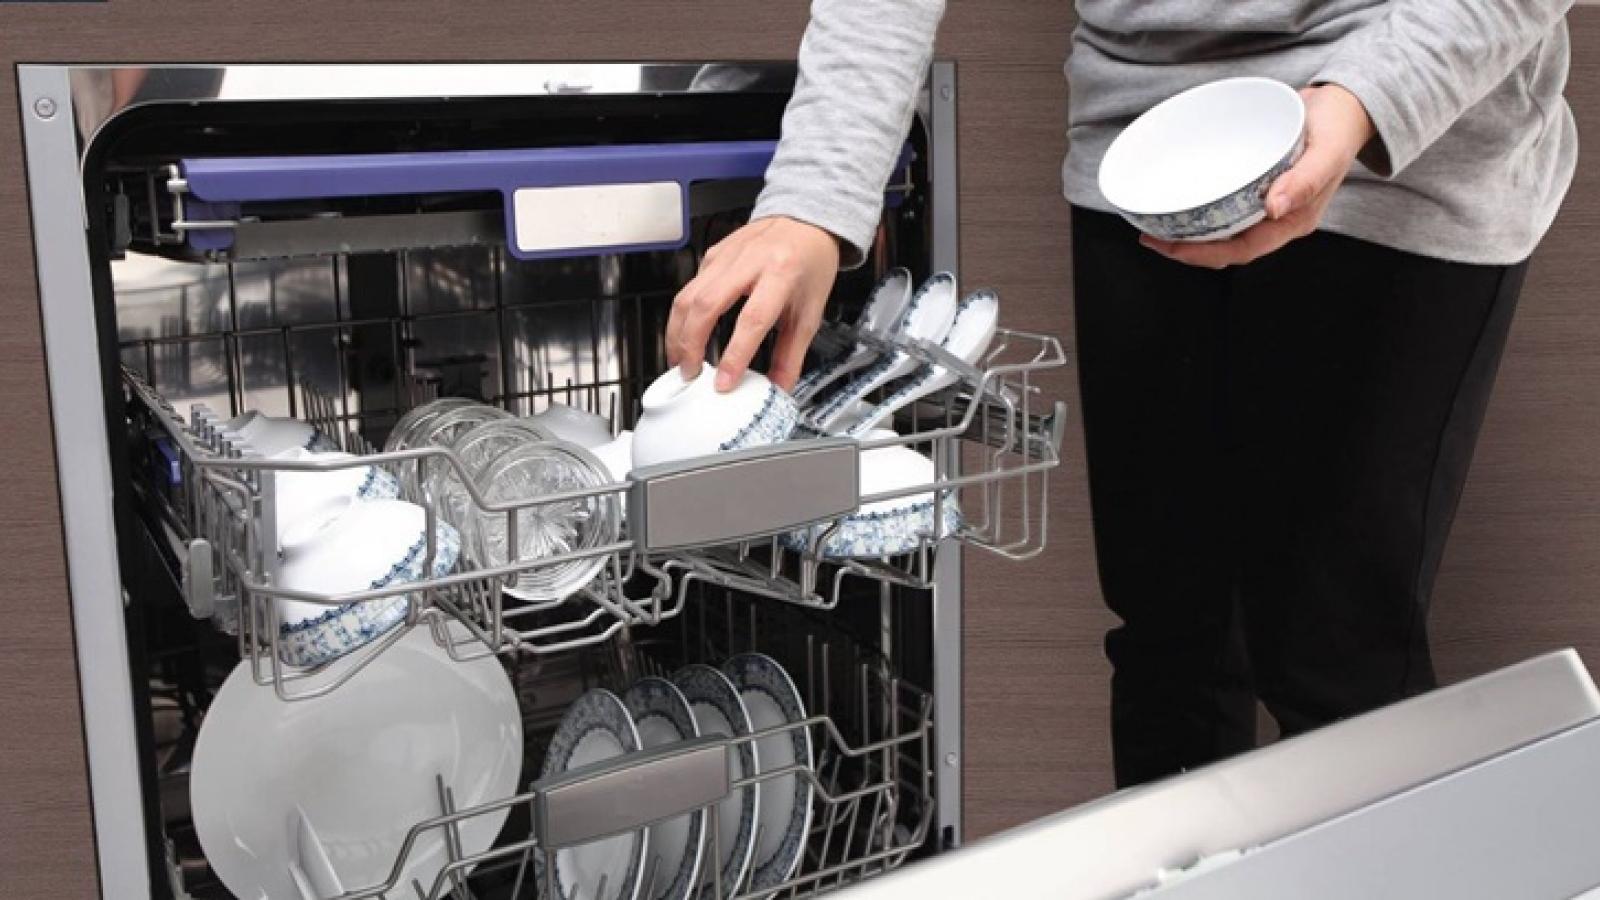 Cận cảnh hoạt động bên trong máy rửa bát: Có tốn nước, rửa bẩn như lời đồn?